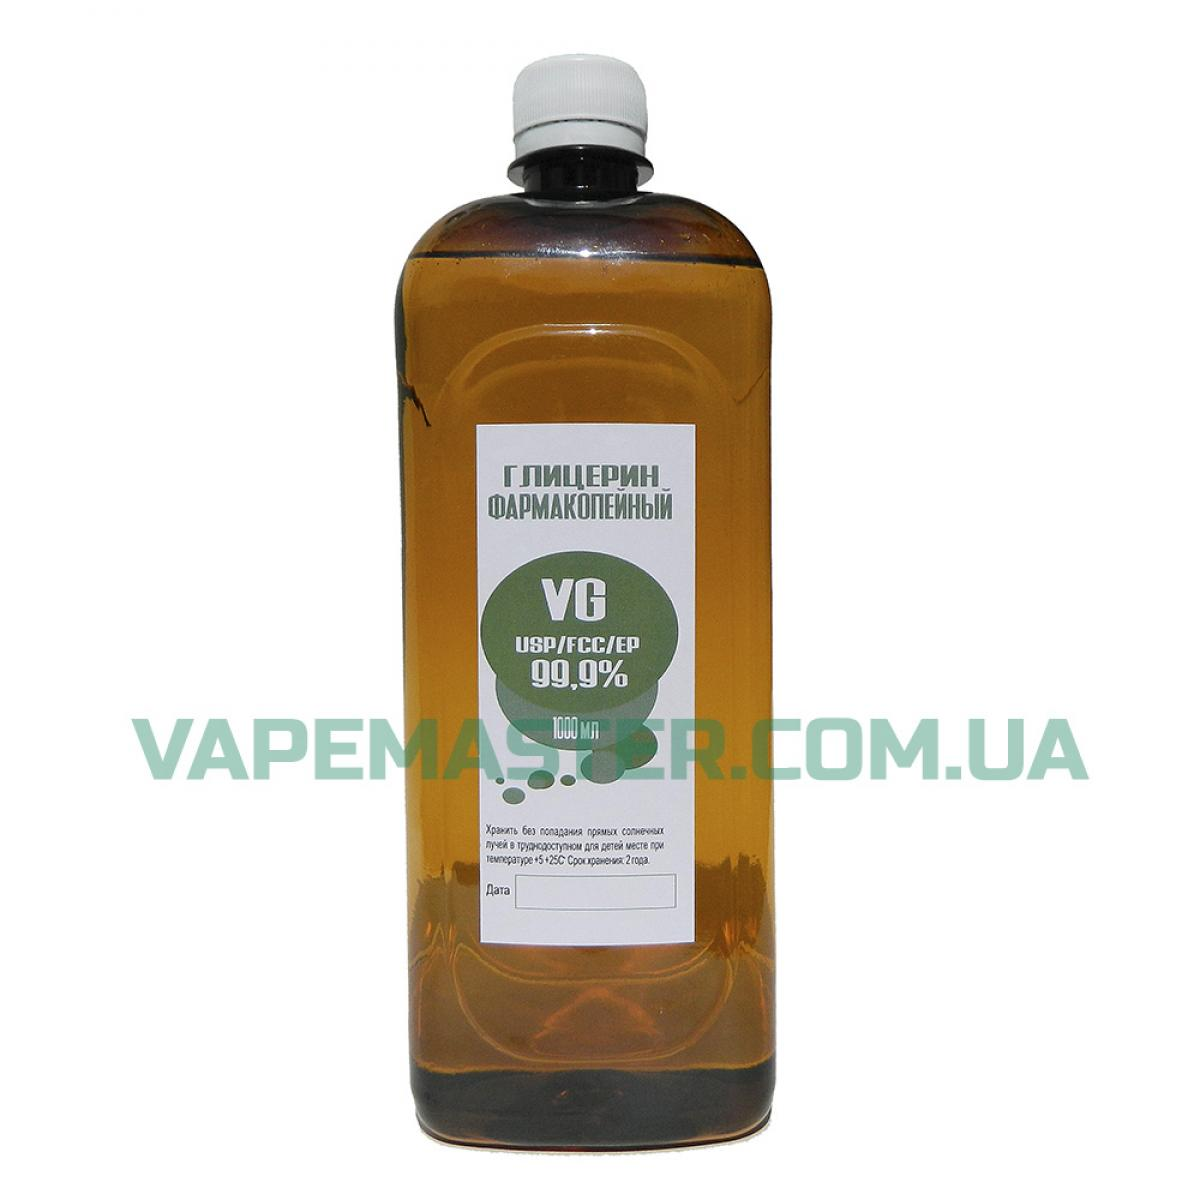 глицерин для жидкости электронных сигарет купить